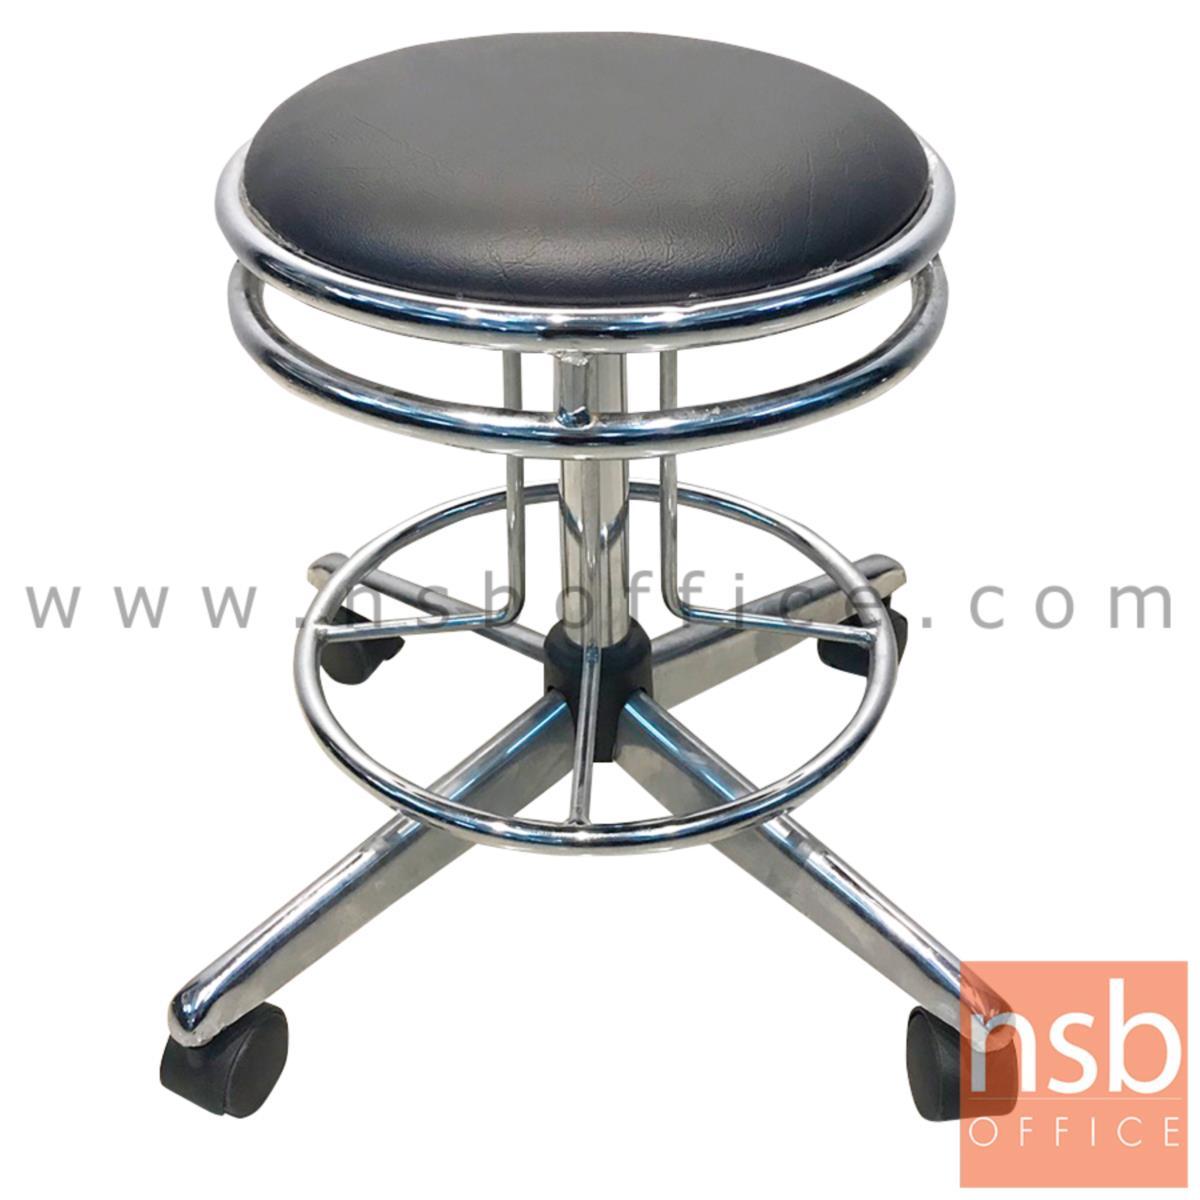 B09A004:เก้าอี้บาร์สตูลที่นั่งกลมล้อเลื่อน รุ่น CS-020 ขาเหล็ก